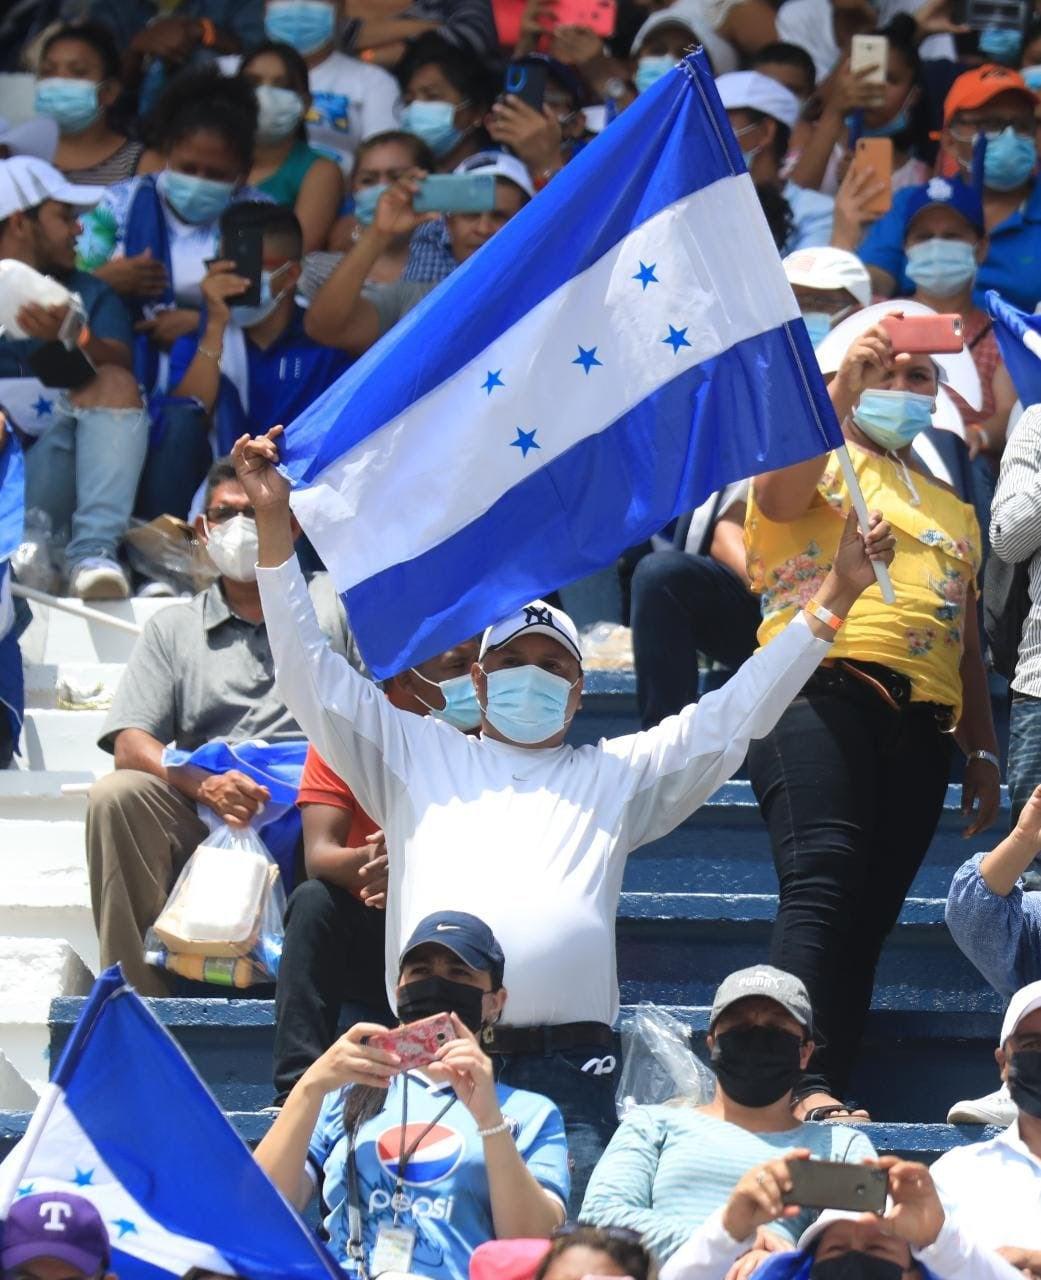 Los hondureños celebraron la independencia del territorio cinco estrellas.